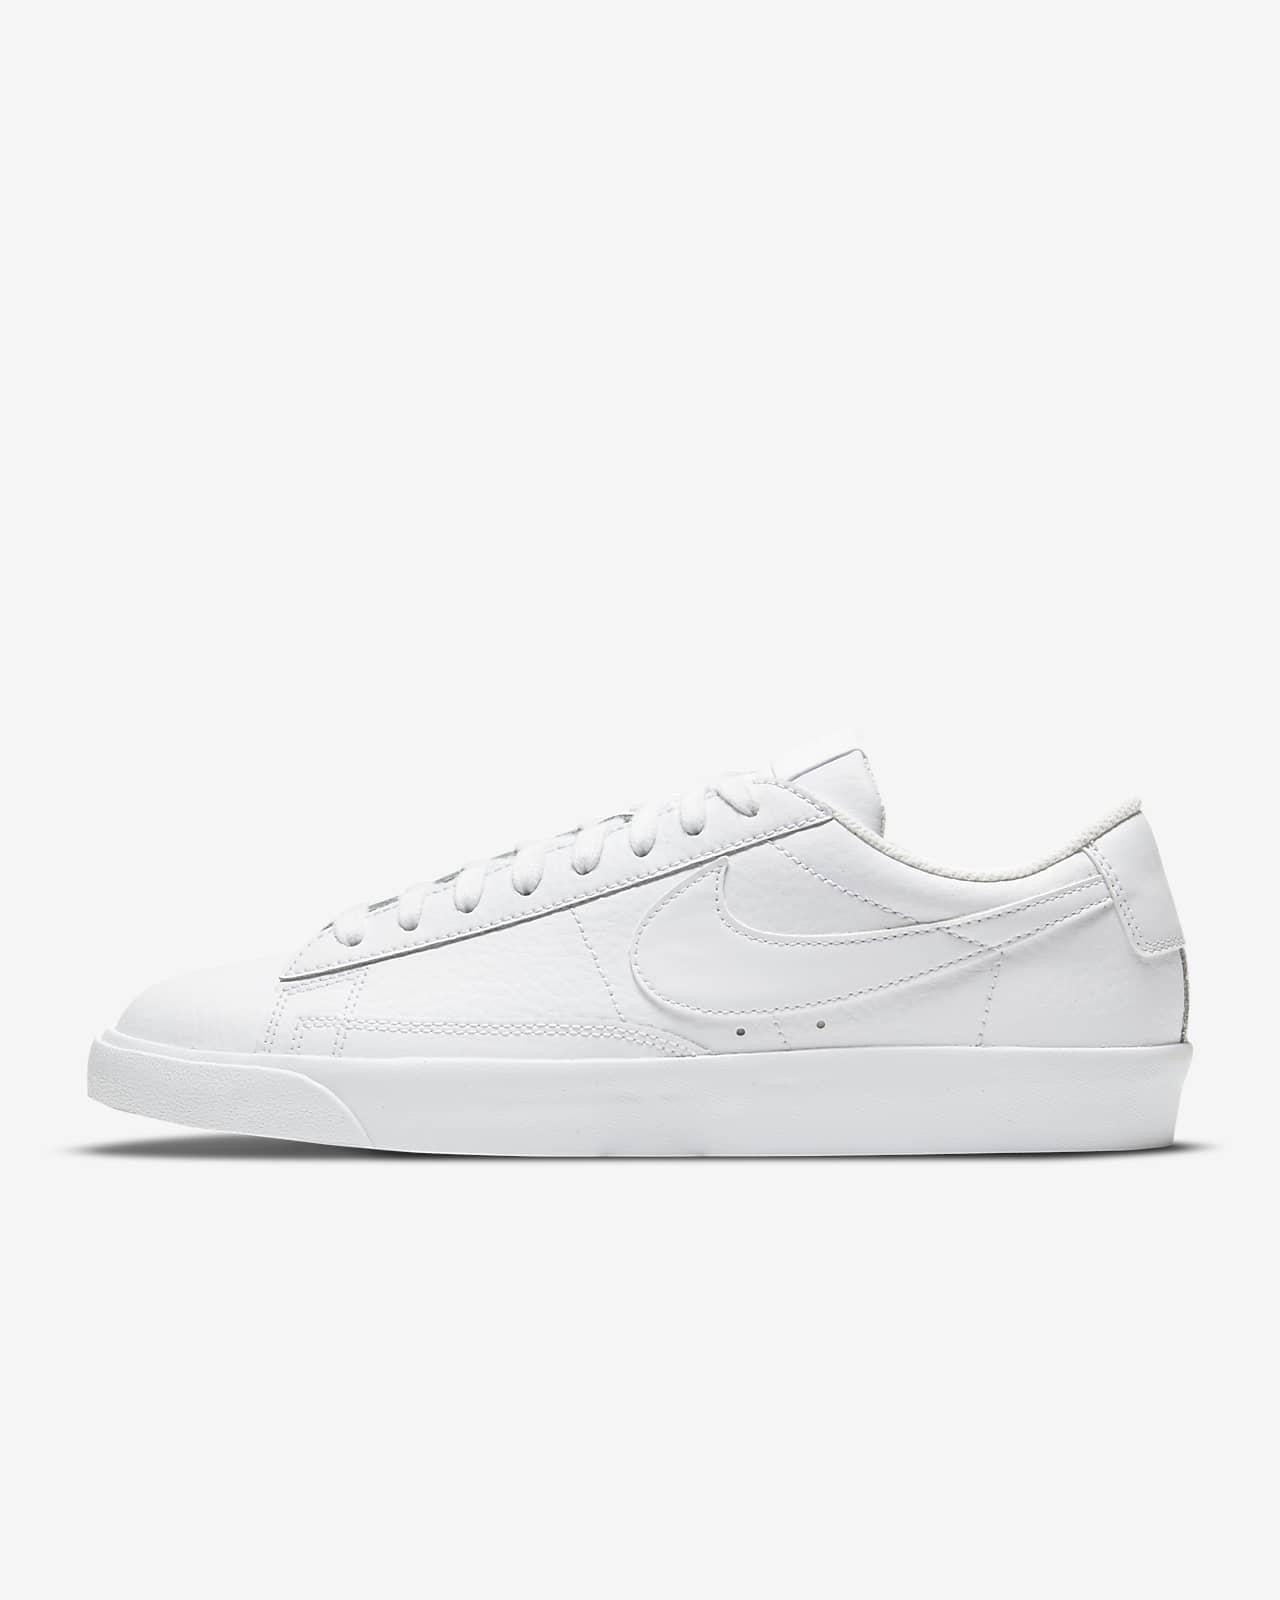 Nike Blazer Low LE 男子运动鞋